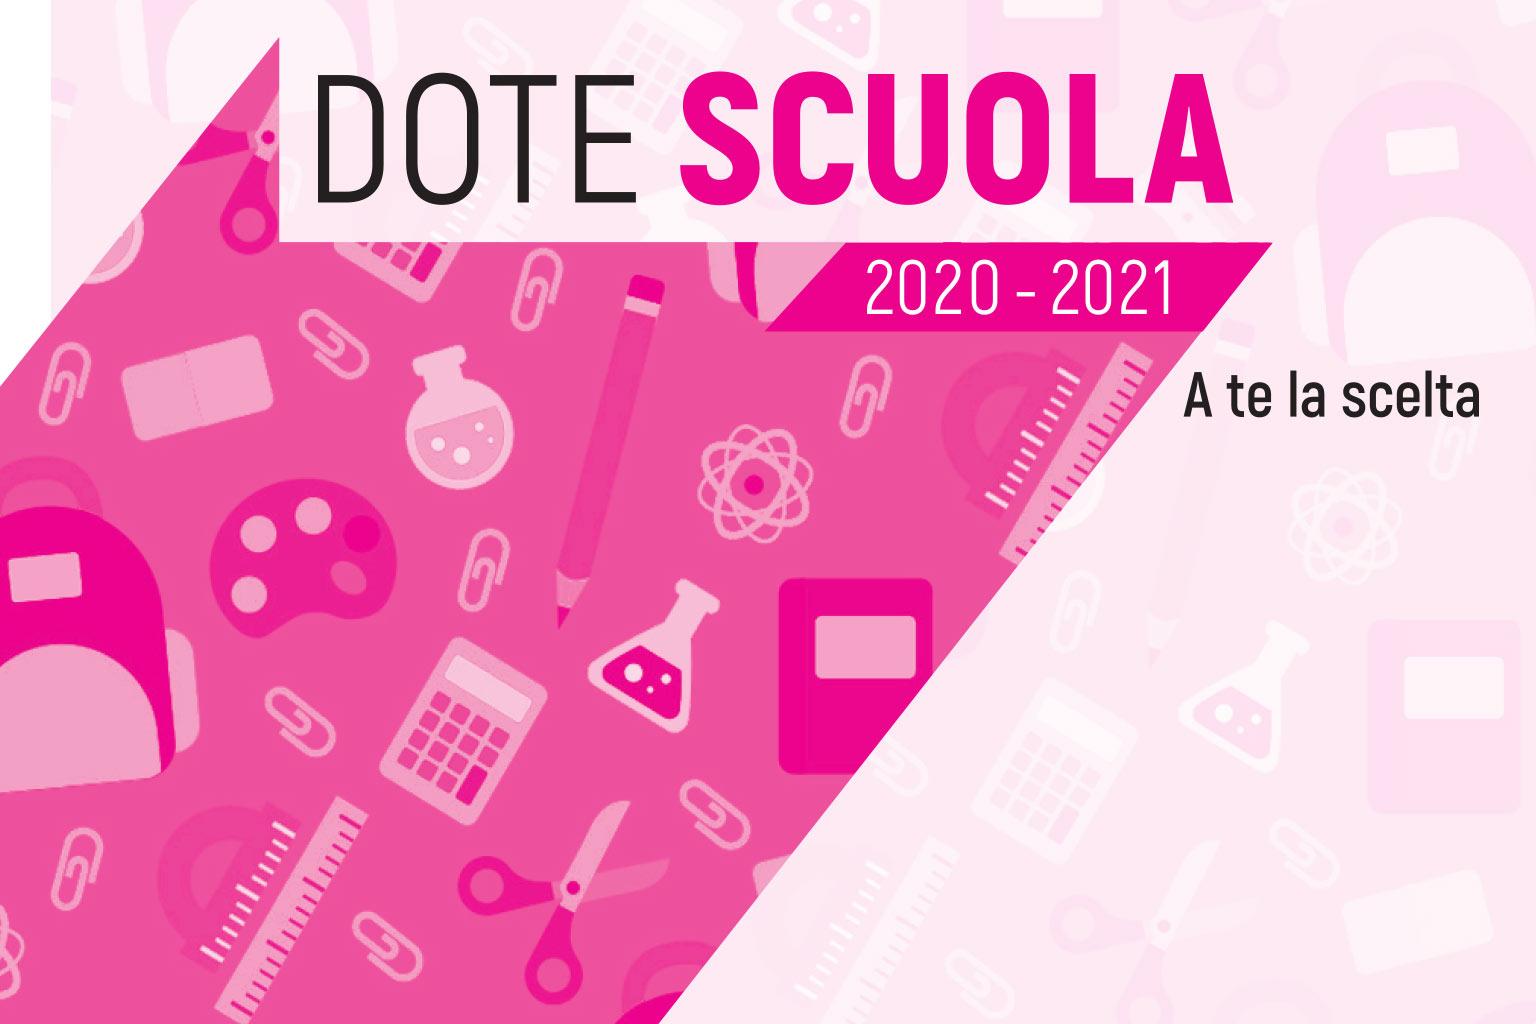 Informativa  Dote Scuola anno scolastico 2020/2021